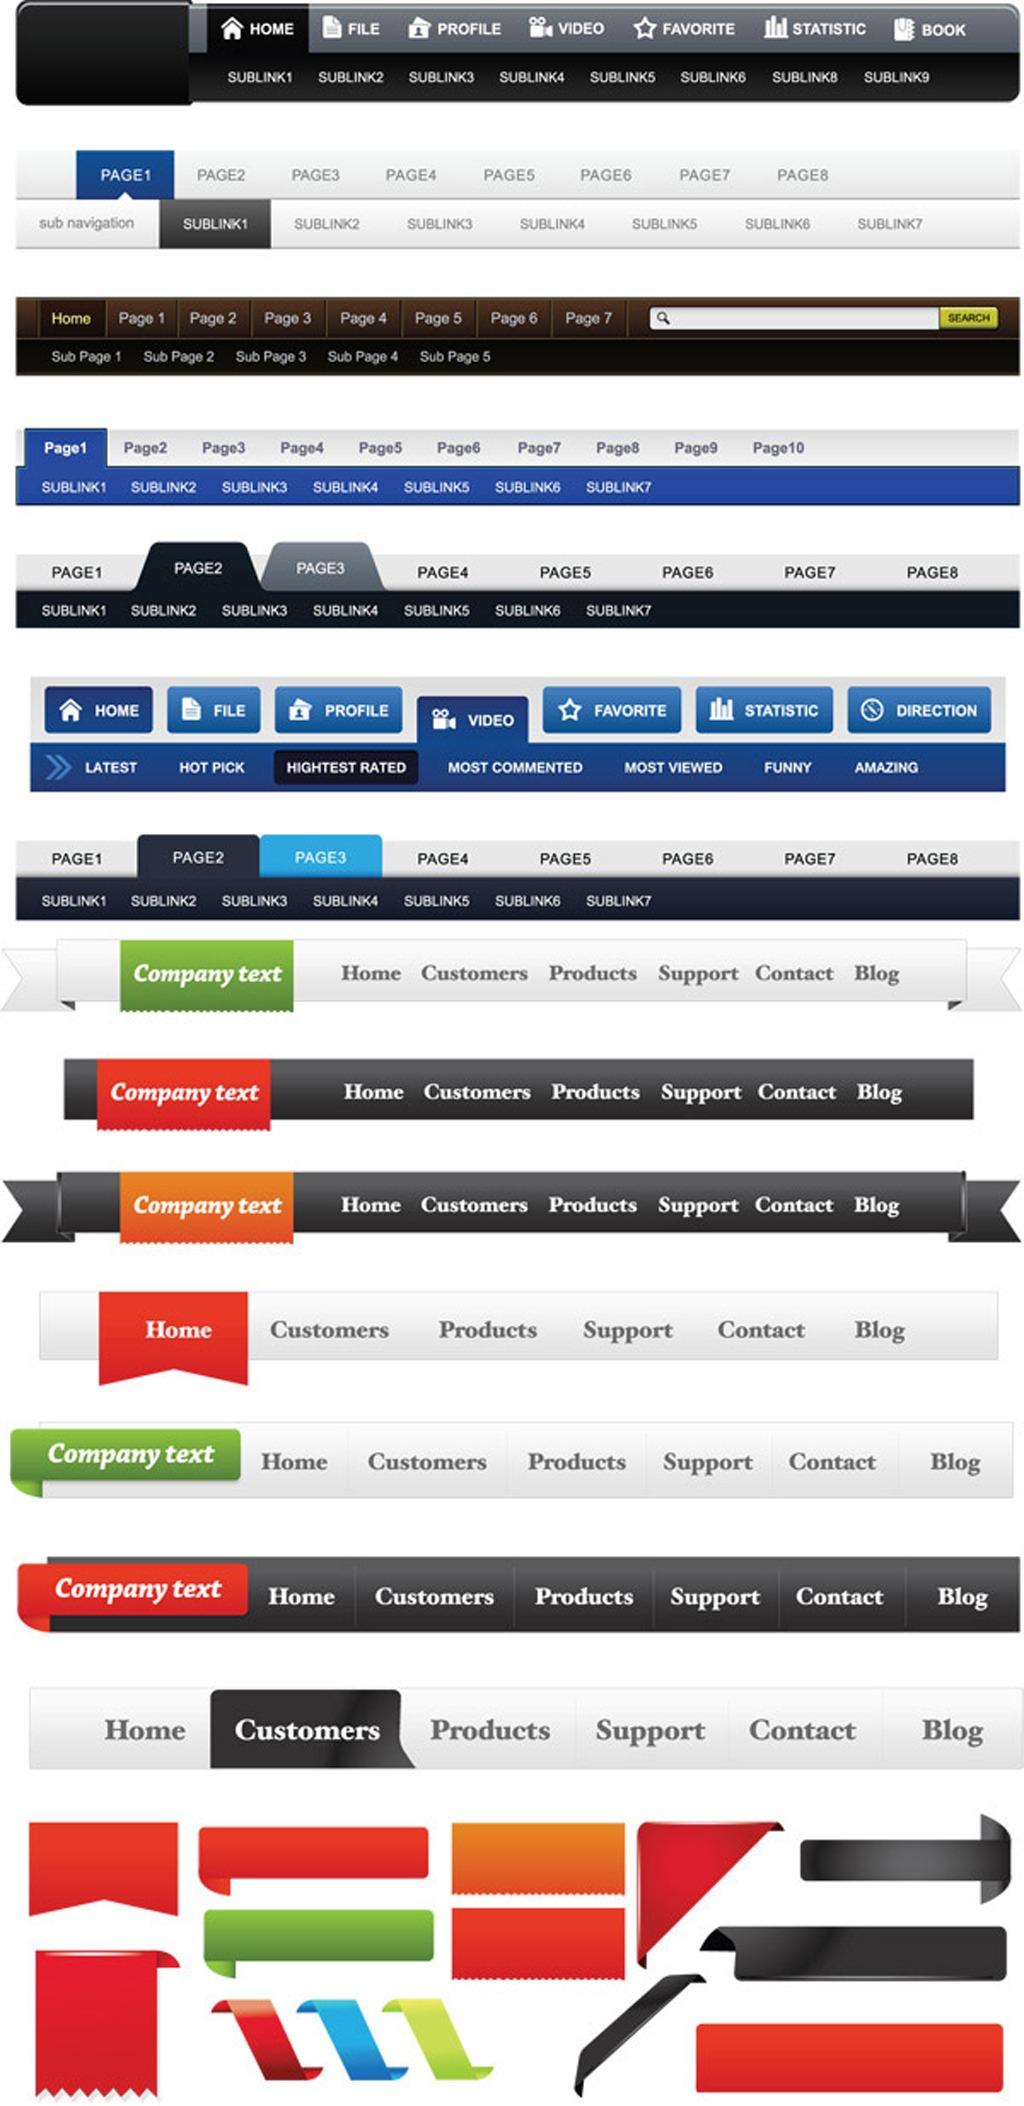 网页菜单栏模板下载 网页菜单栏图片下载网页菜单栏矢量设计 菜单导航